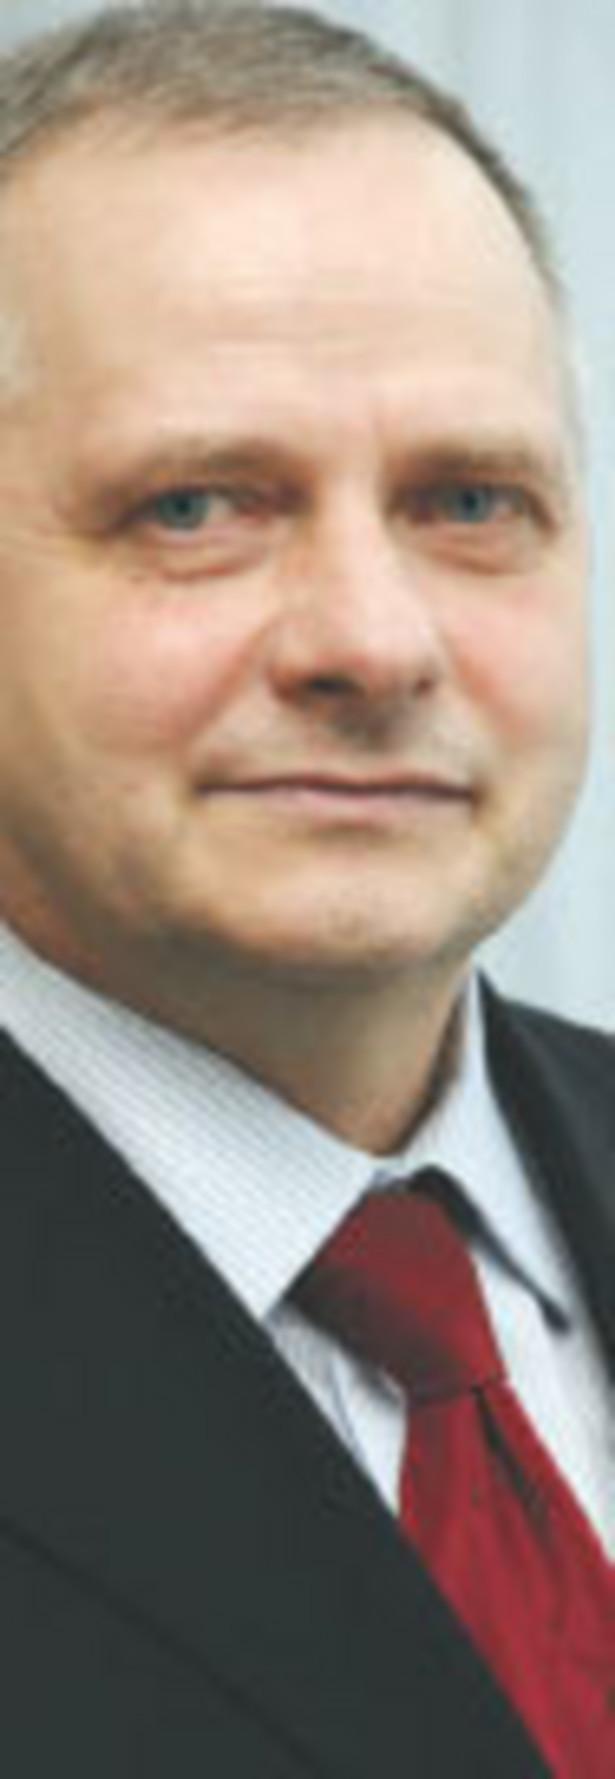 Leszek Świętalski, członek Zarządu Związku Gmin Wiejskich, wójt gminy Stare Bogaczowice